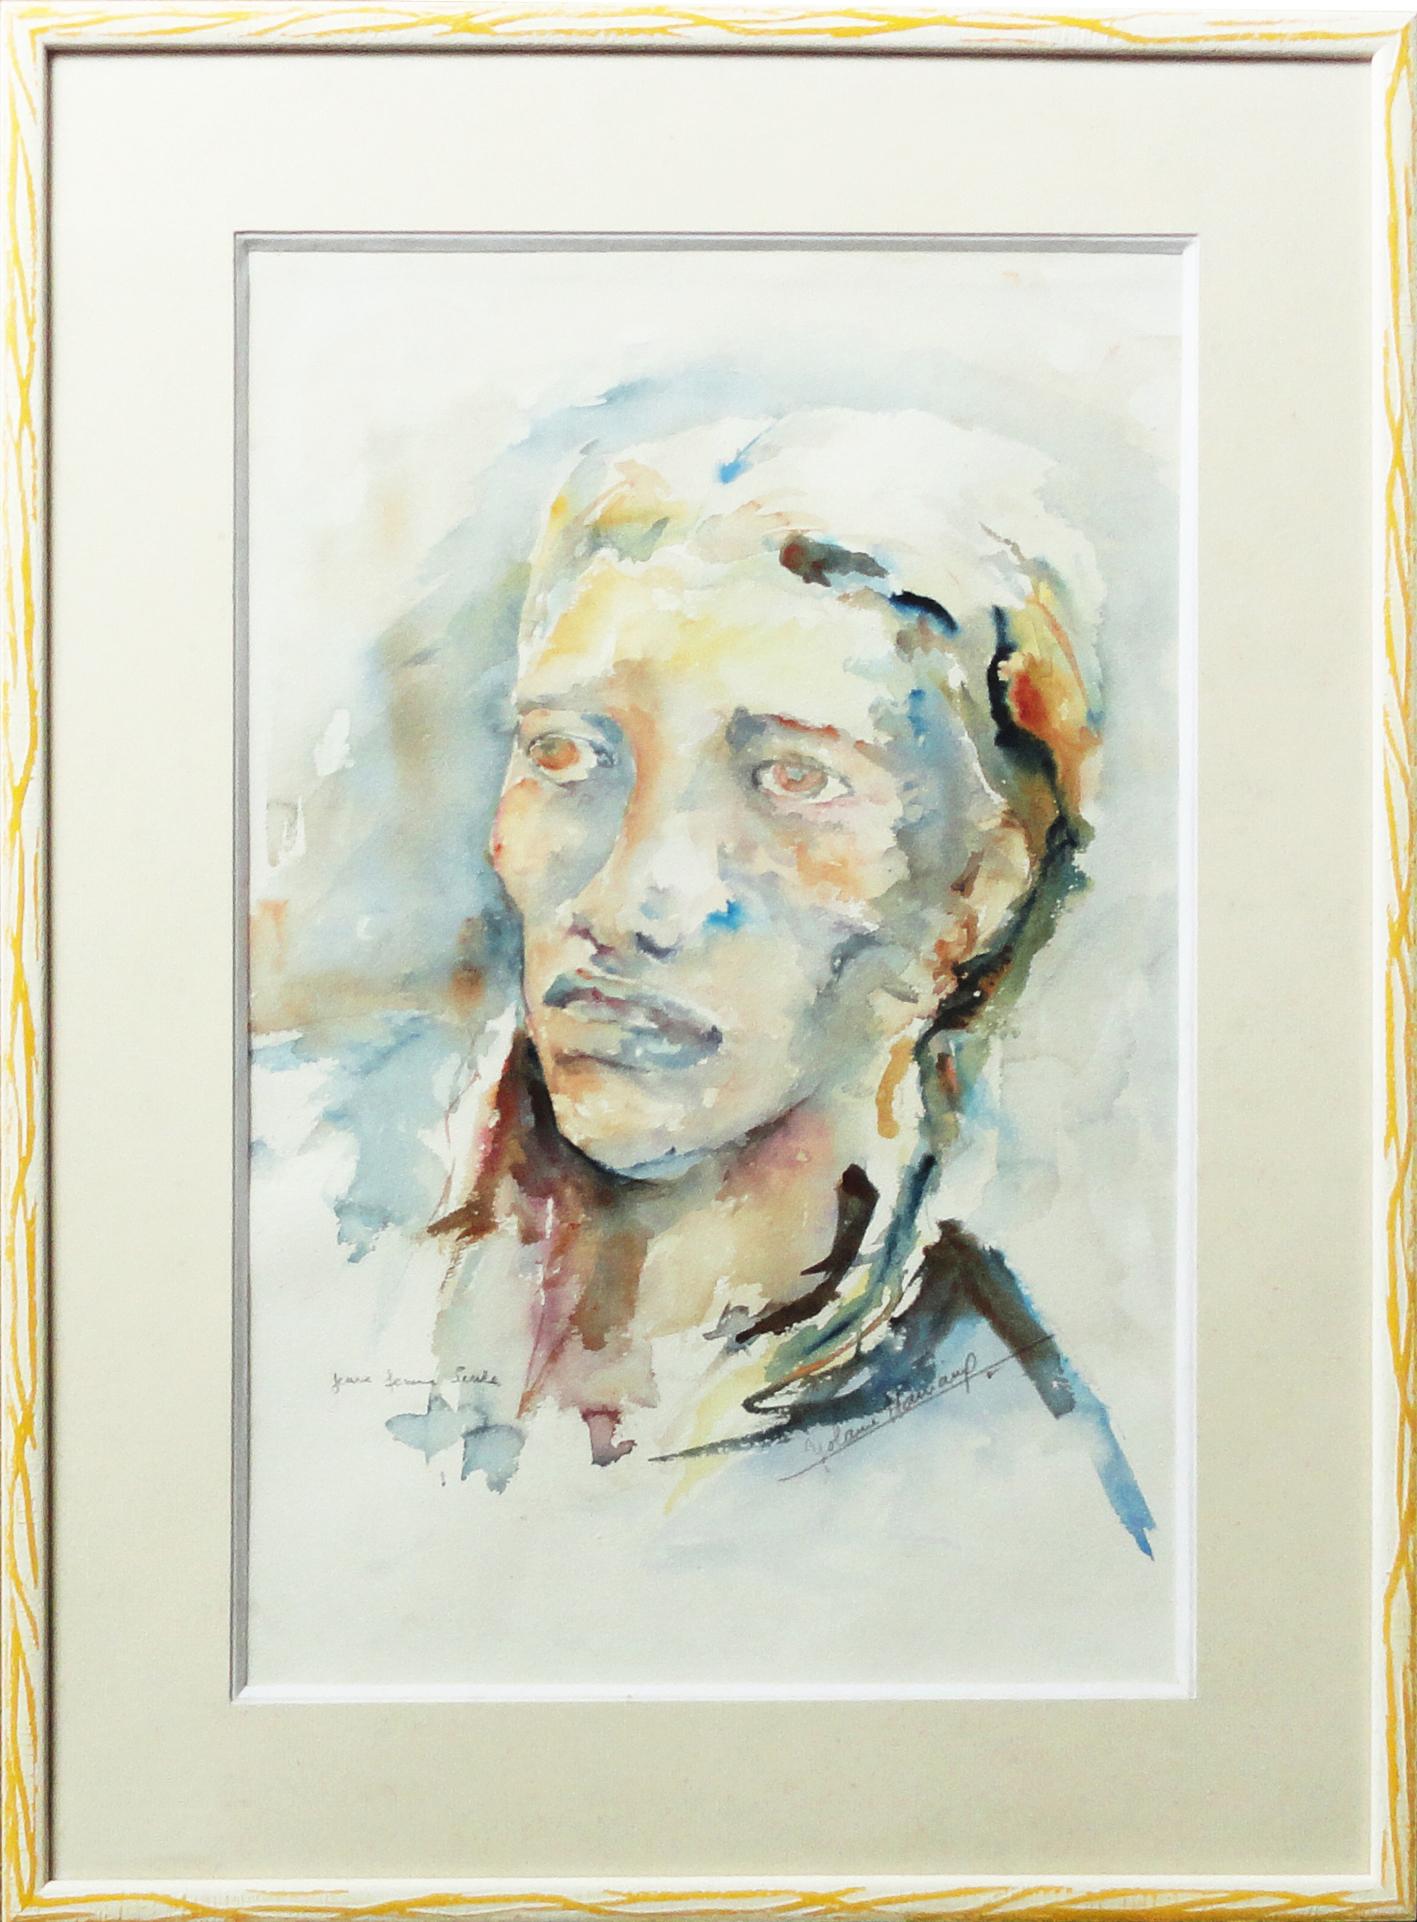 aquarelles_yolaine_hainaux_paint (79)